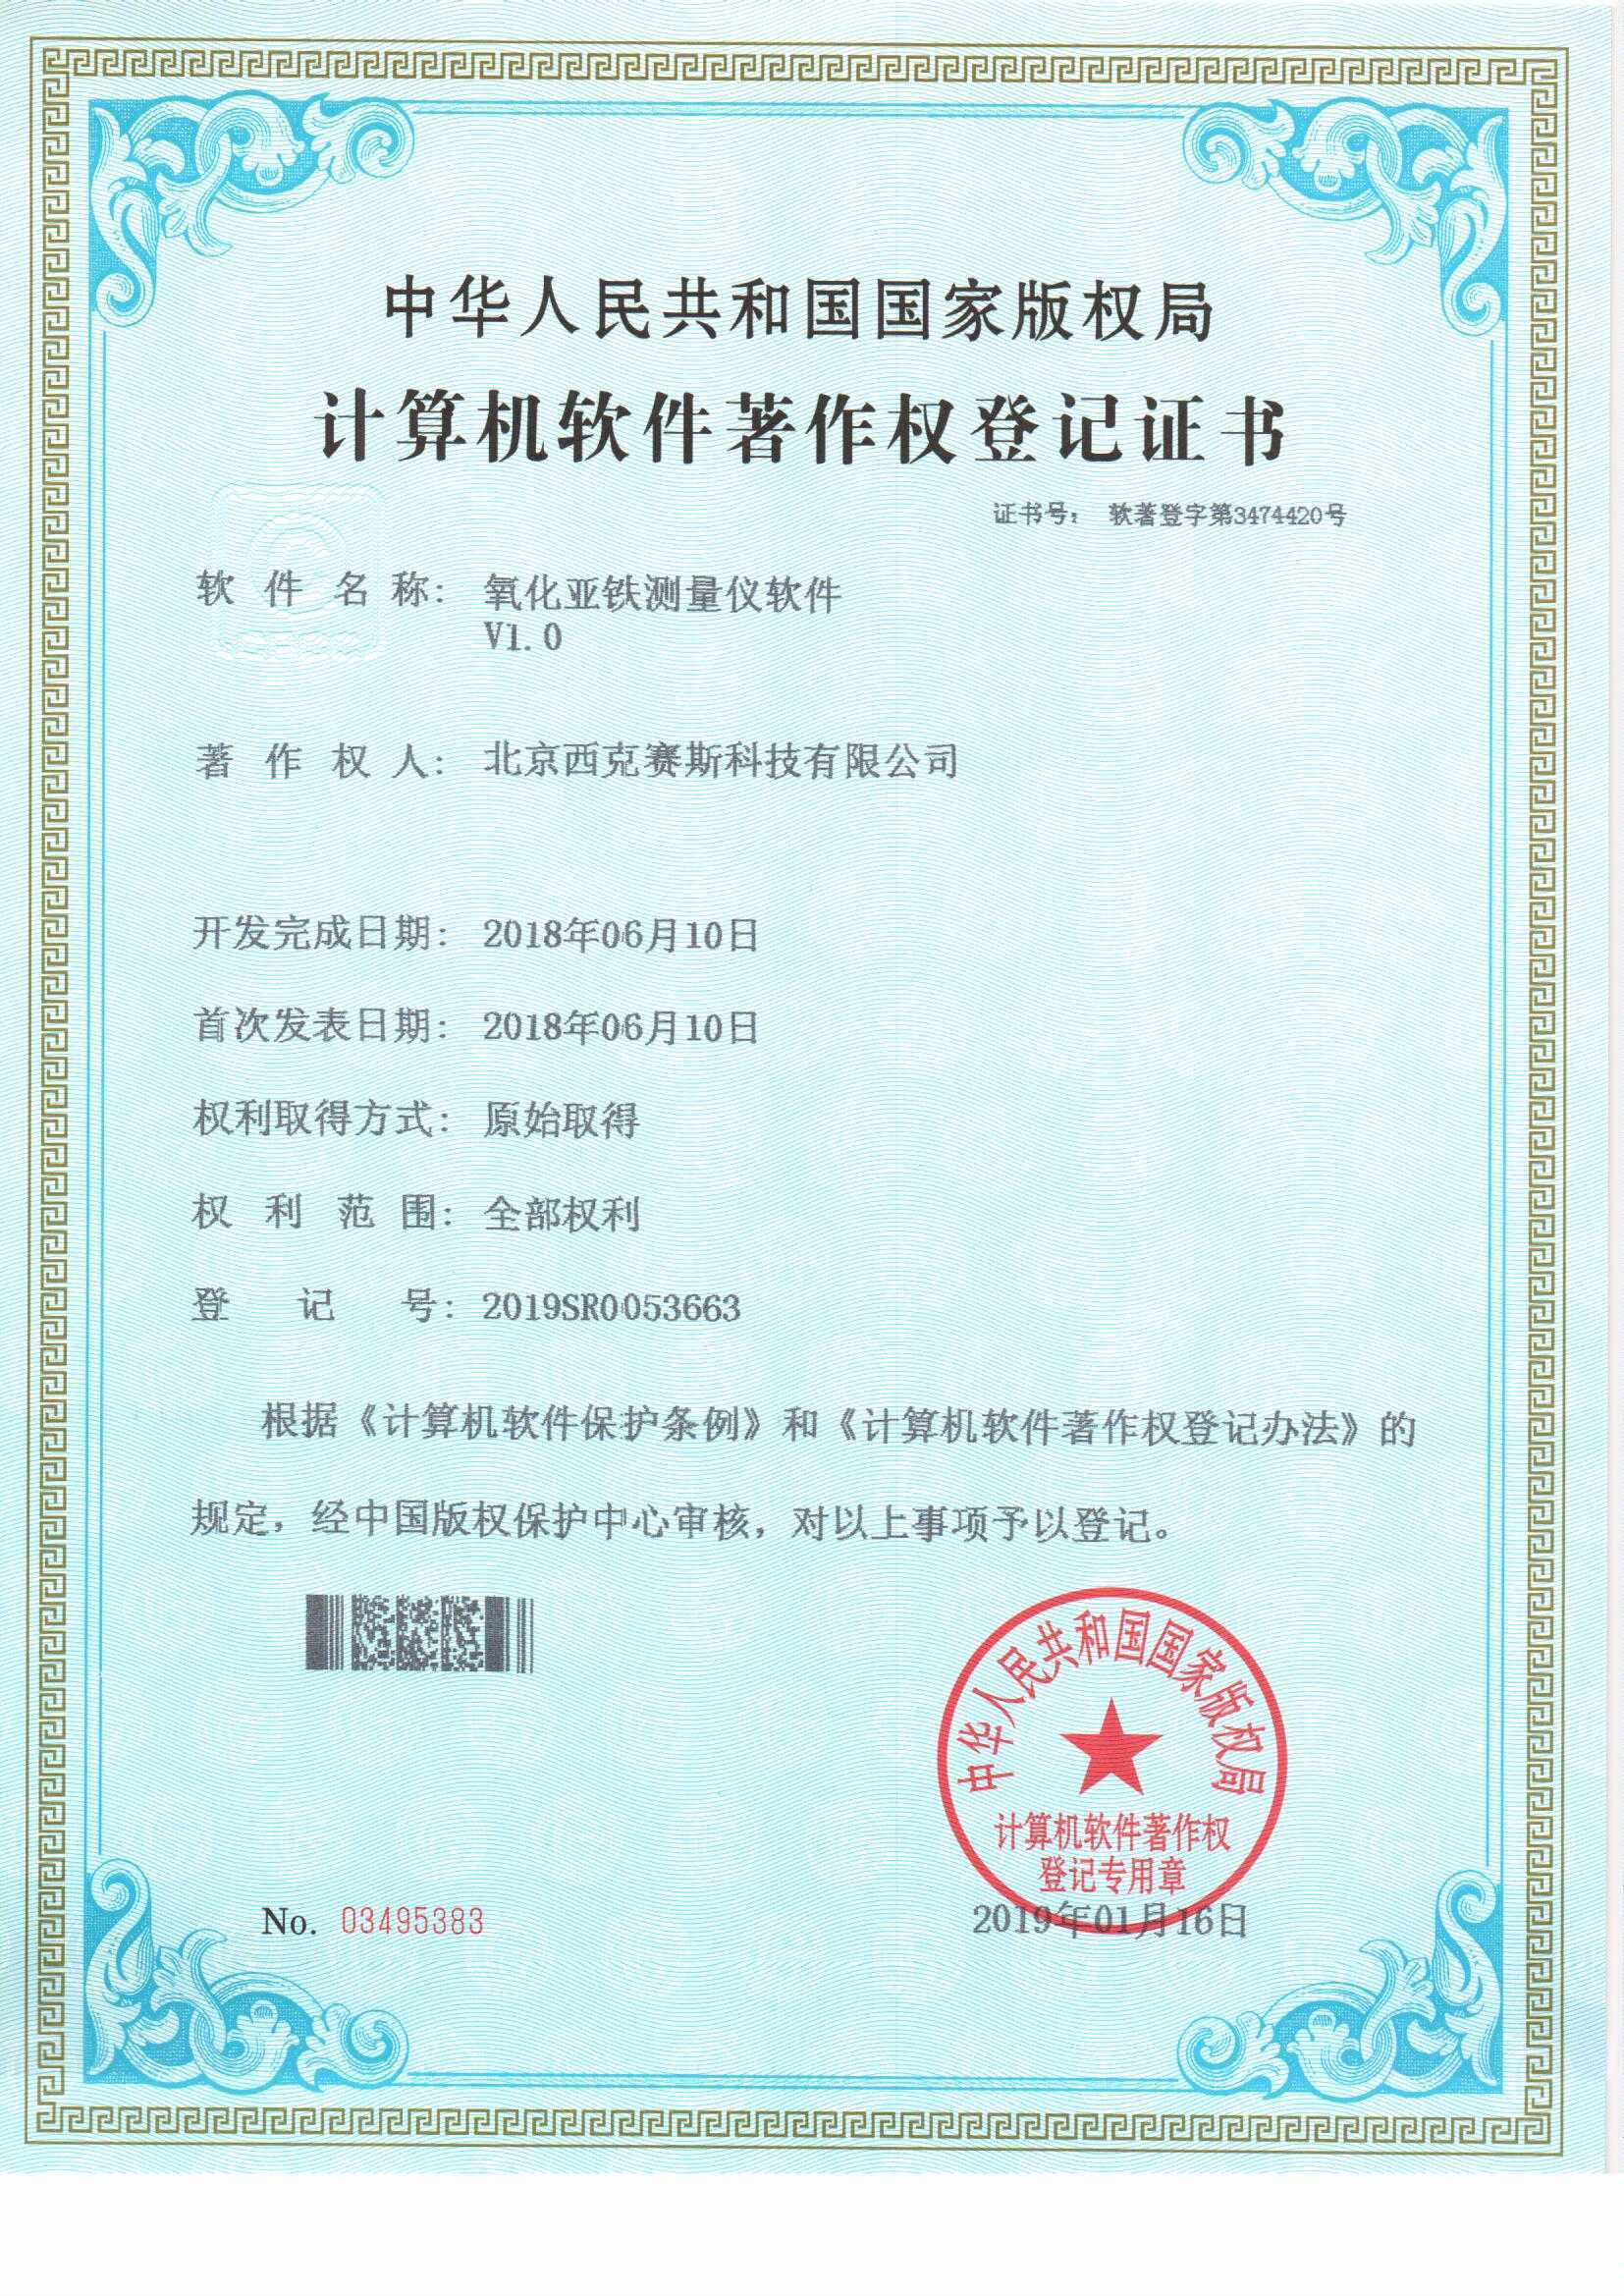 計算機軟件著作權登記證書-氧化亞鐵測量軟件儀